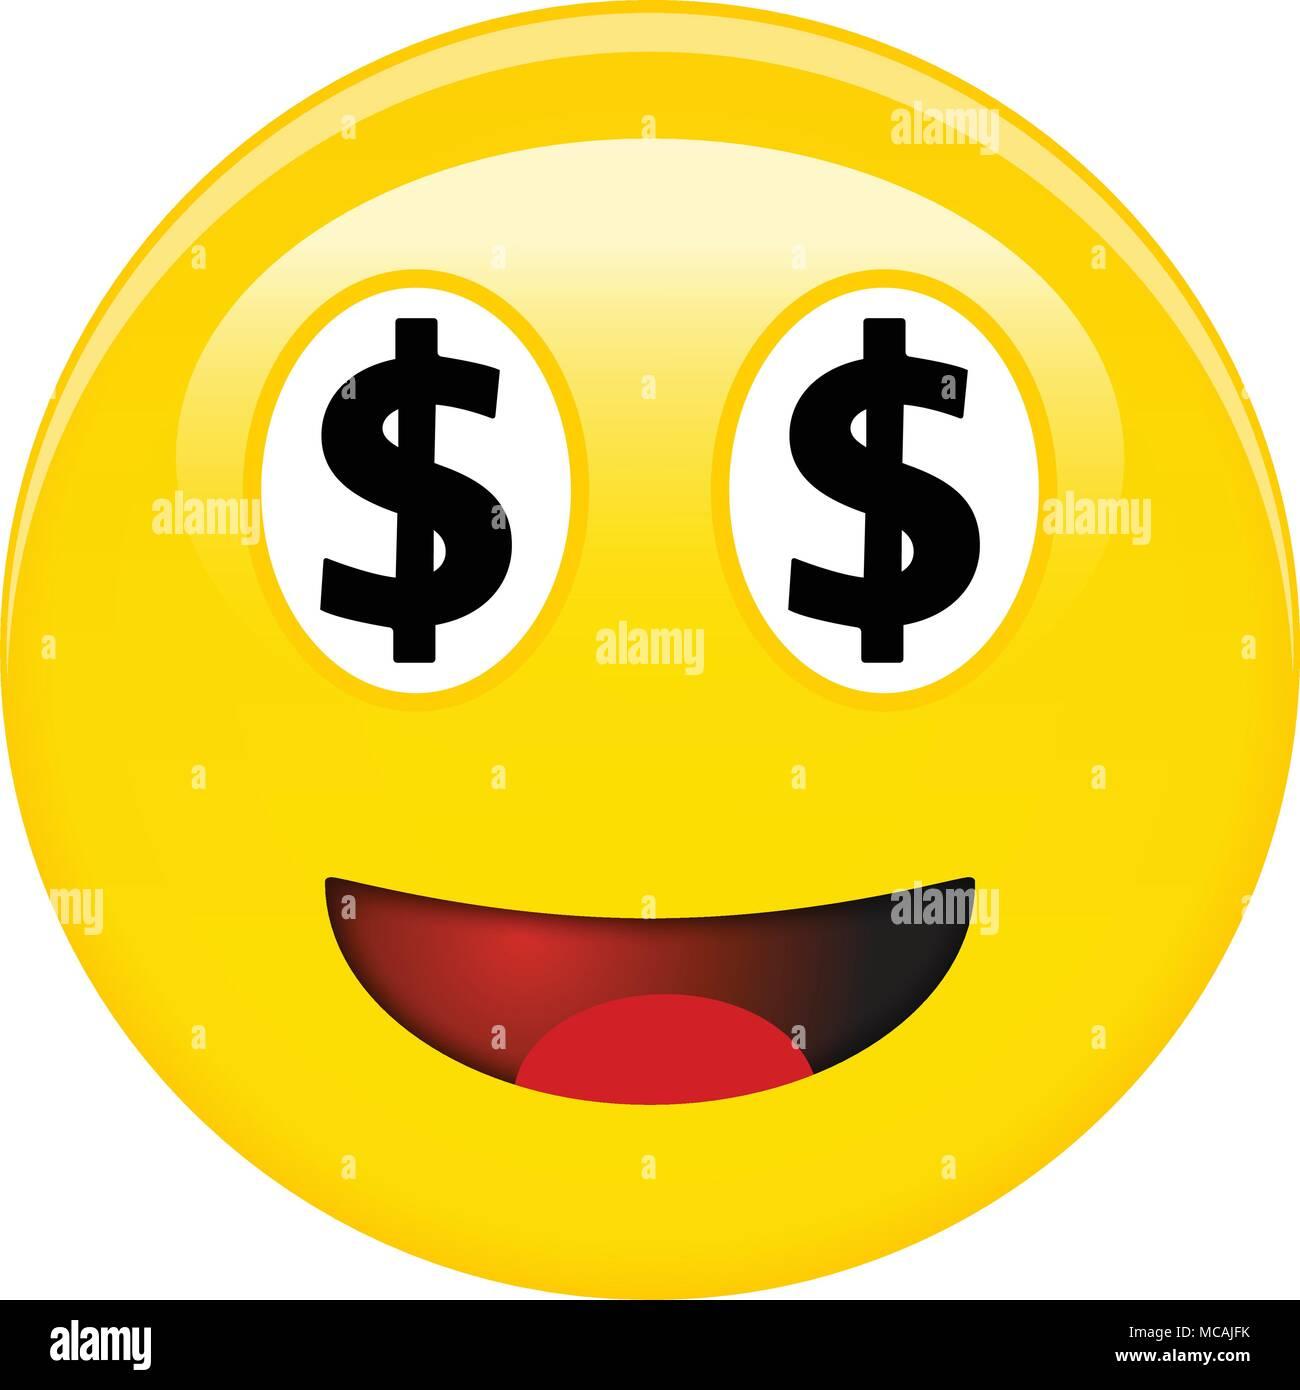 Dollar Americain Smiley Emoticone Rire Jaune Avec Emoji 3d Symboles Usd Noir A La Place Des Yeux Et Ouvrit La Bouche Rouge Image Vectorielle Stock Alamy